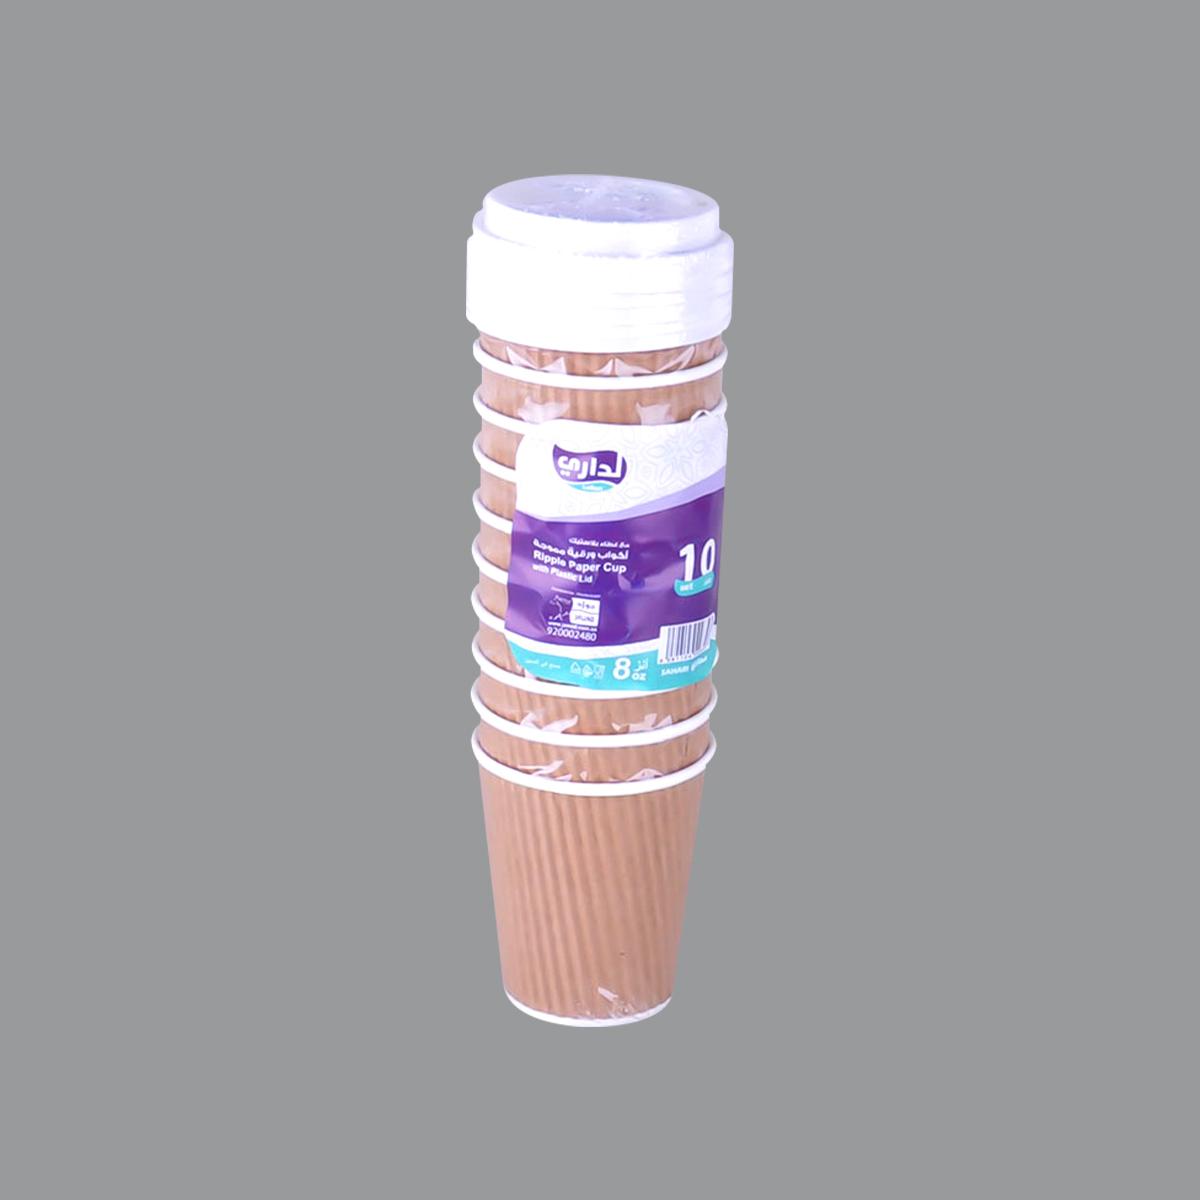 اكواب ورقية مموجة , مع غطاء بلاستيك